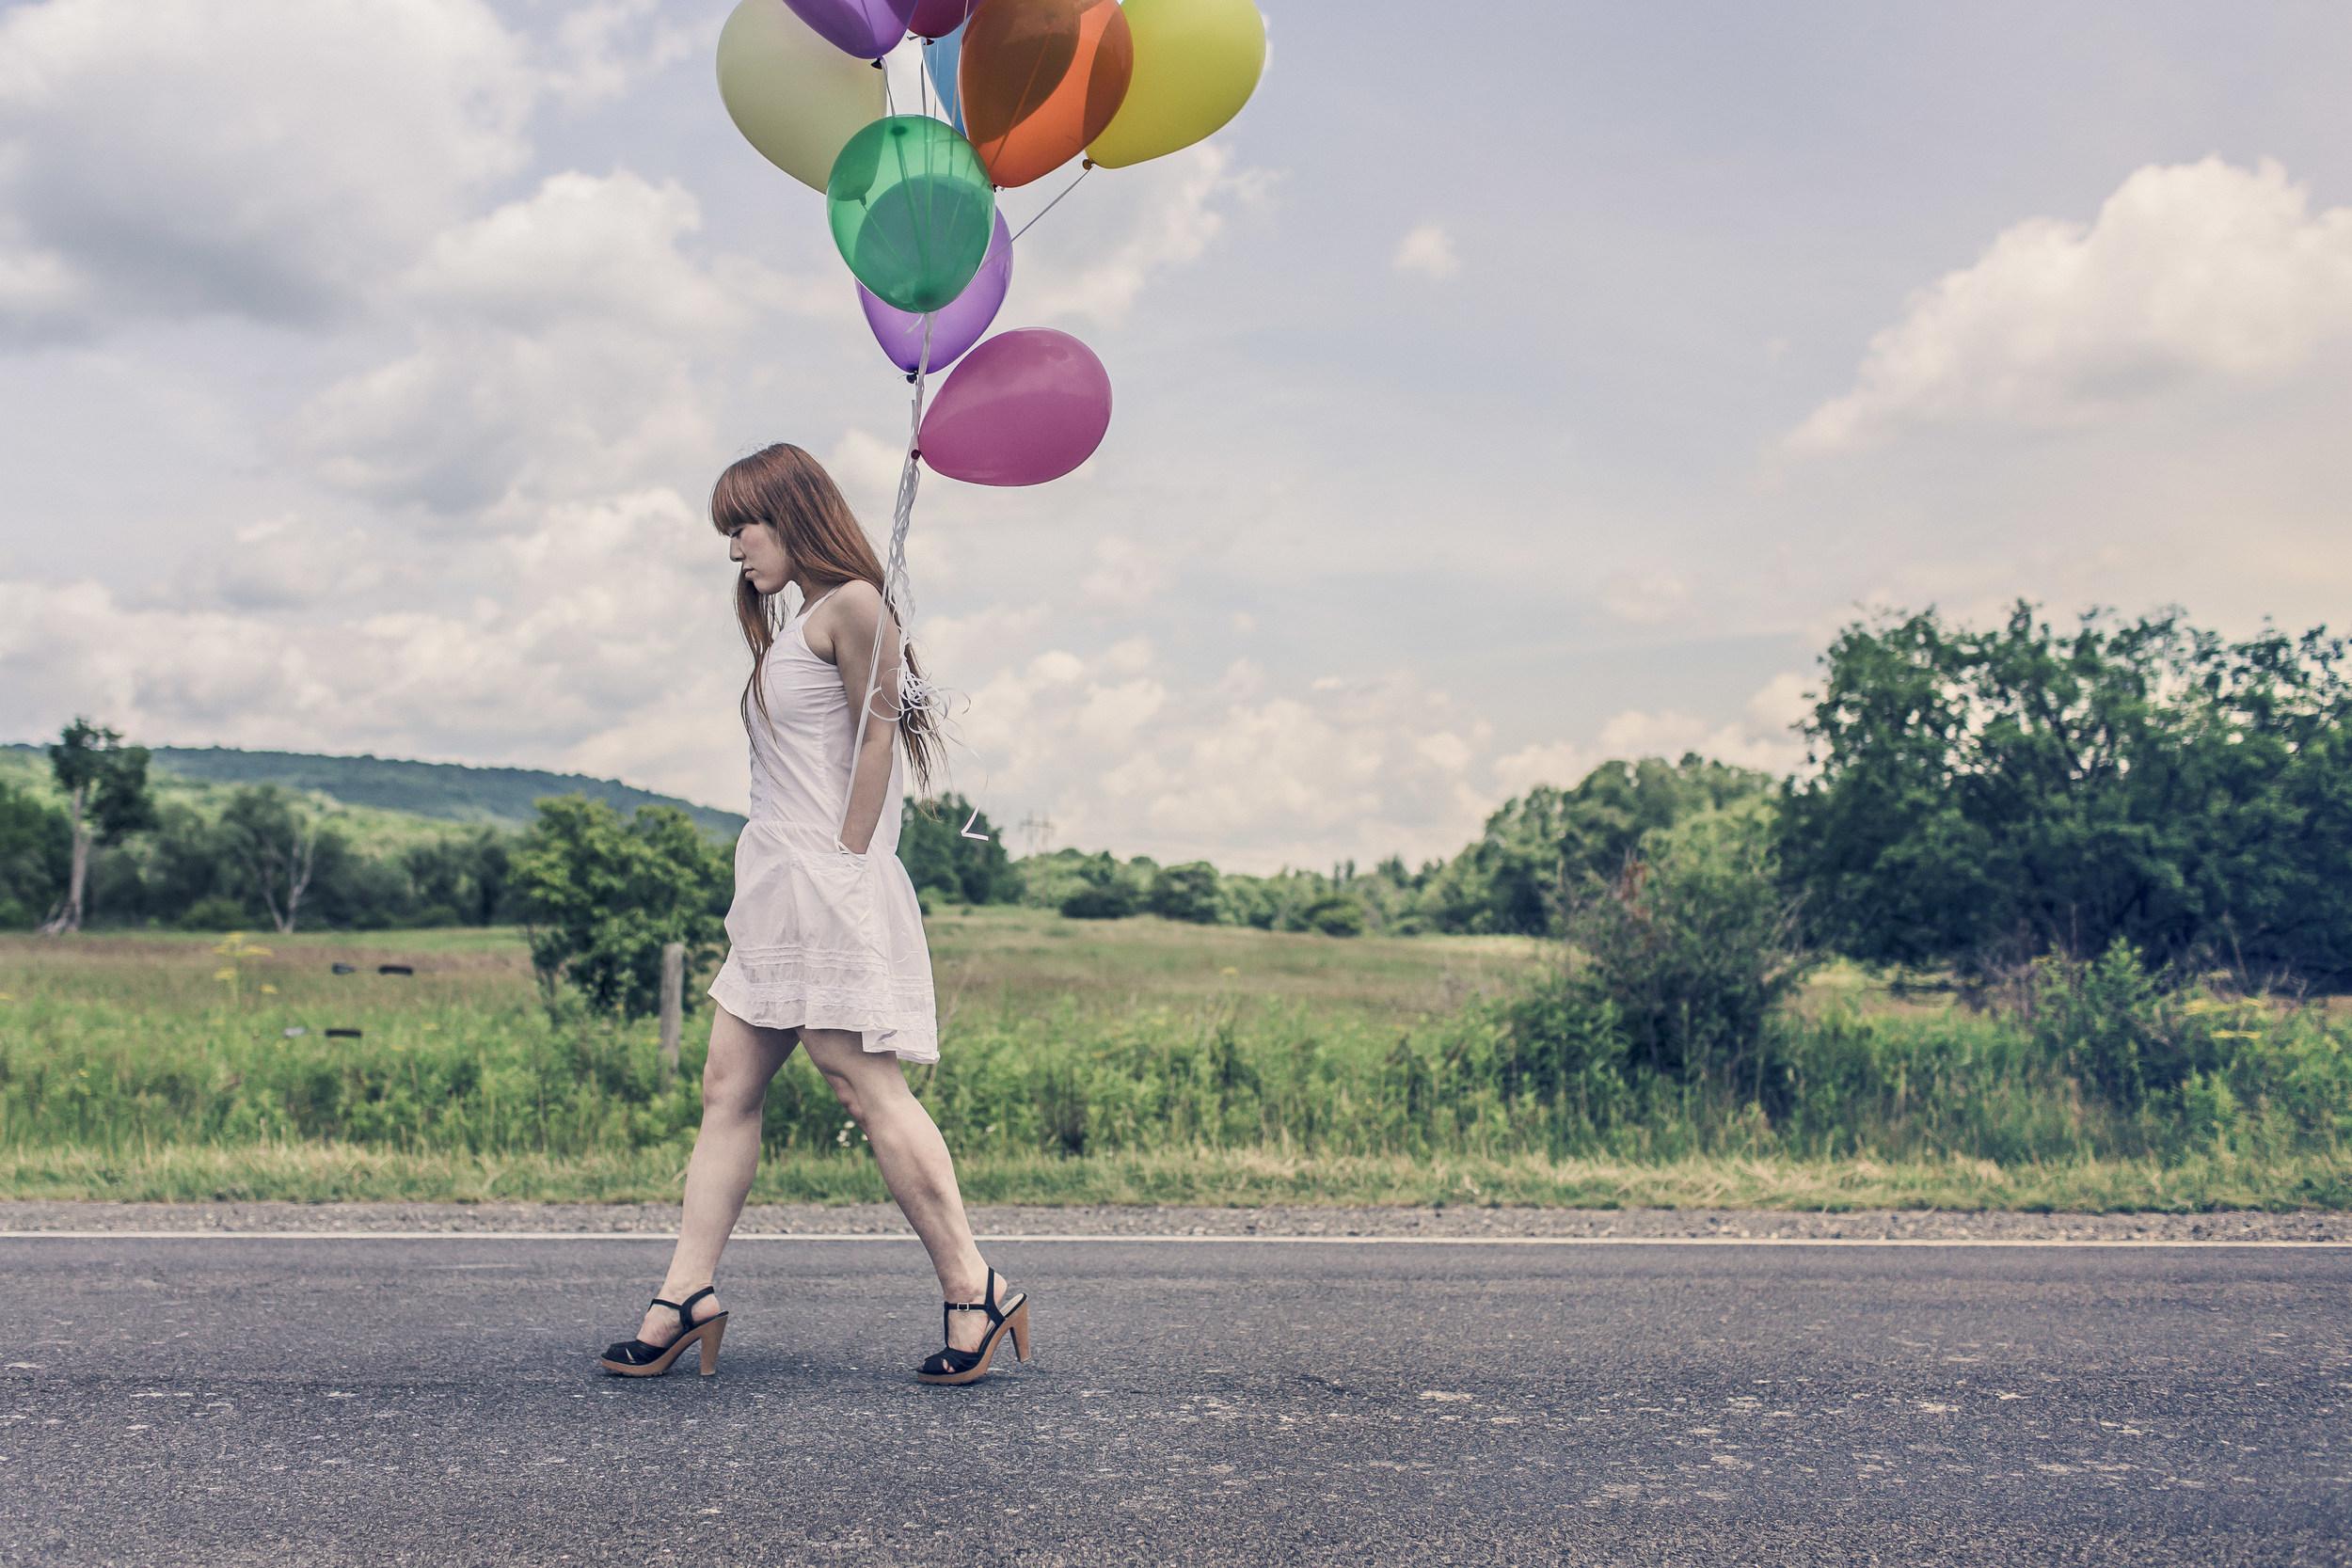 girlwithballons.jpg